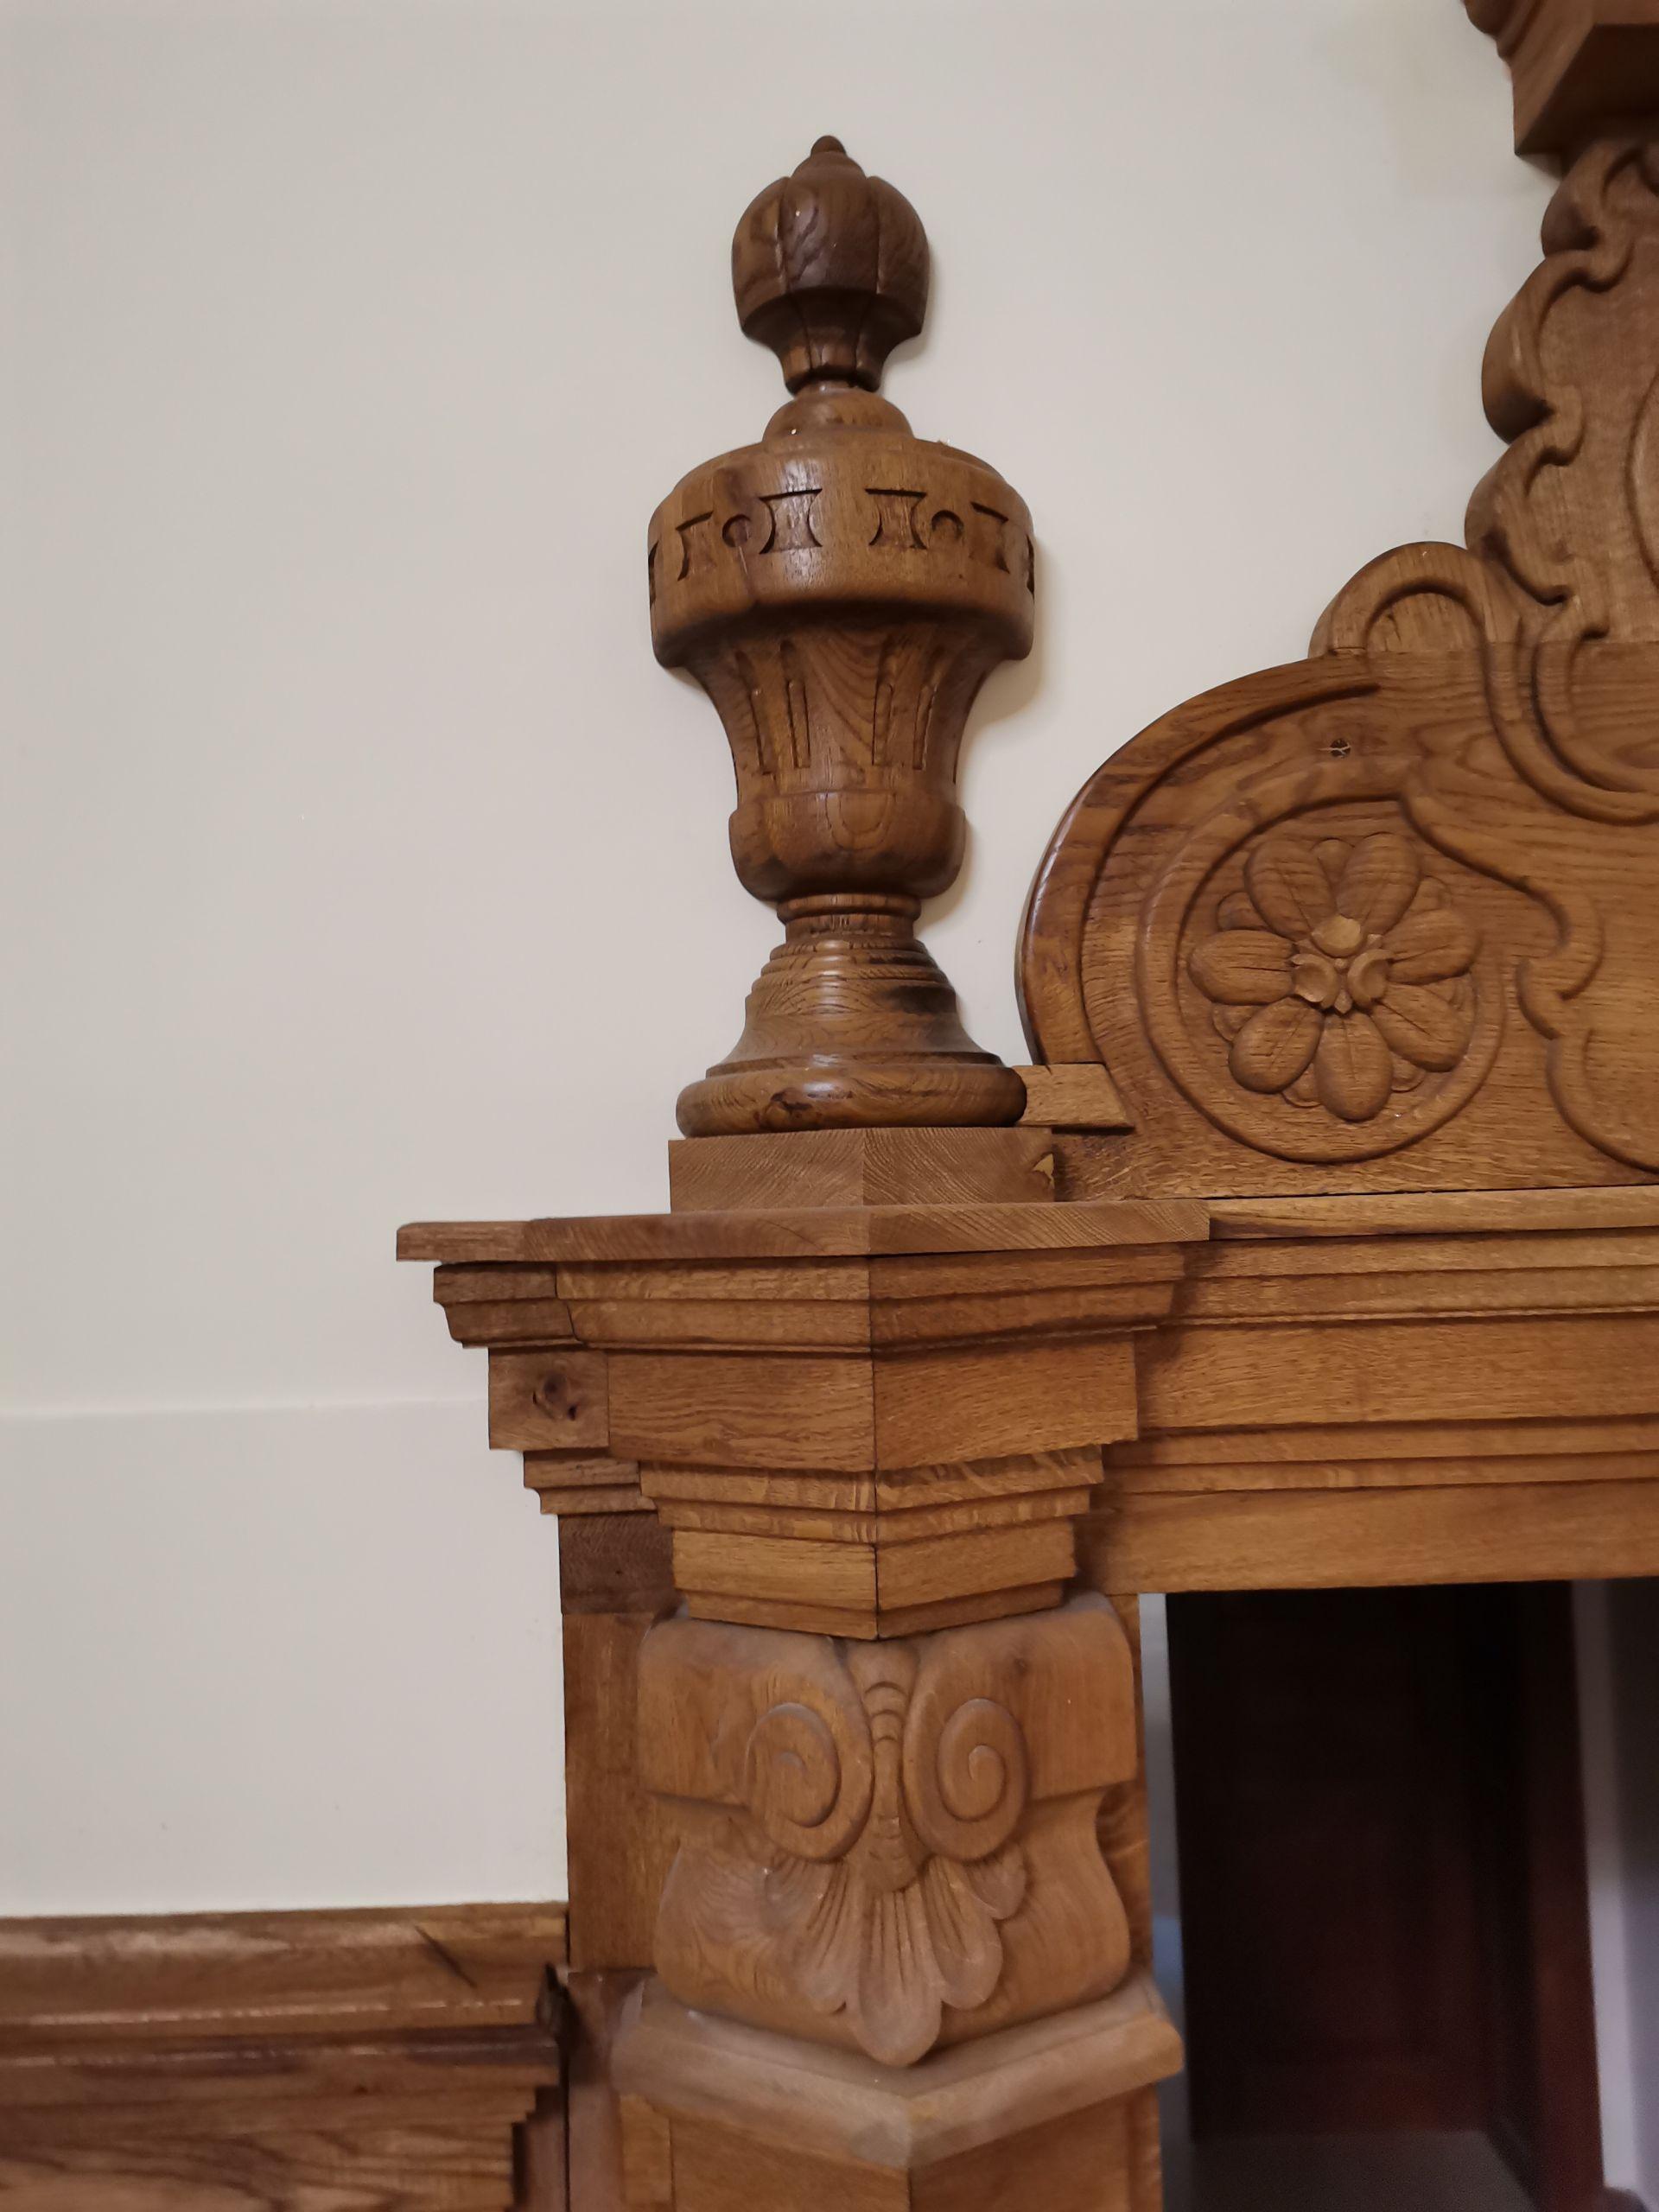 През 2018г. Иван Ценкин получава уникалната възможност да изработи с екип от хора два портала за главното фоайе на вековната сградата. С екип от трима души в рамките на две години им бе поверена направата на всички дървени части в това число петдесет врати, два портала, две дървени стълбища, ламперия и кръгли прозорци, както и реставрацията на още 20 стогодишни врати